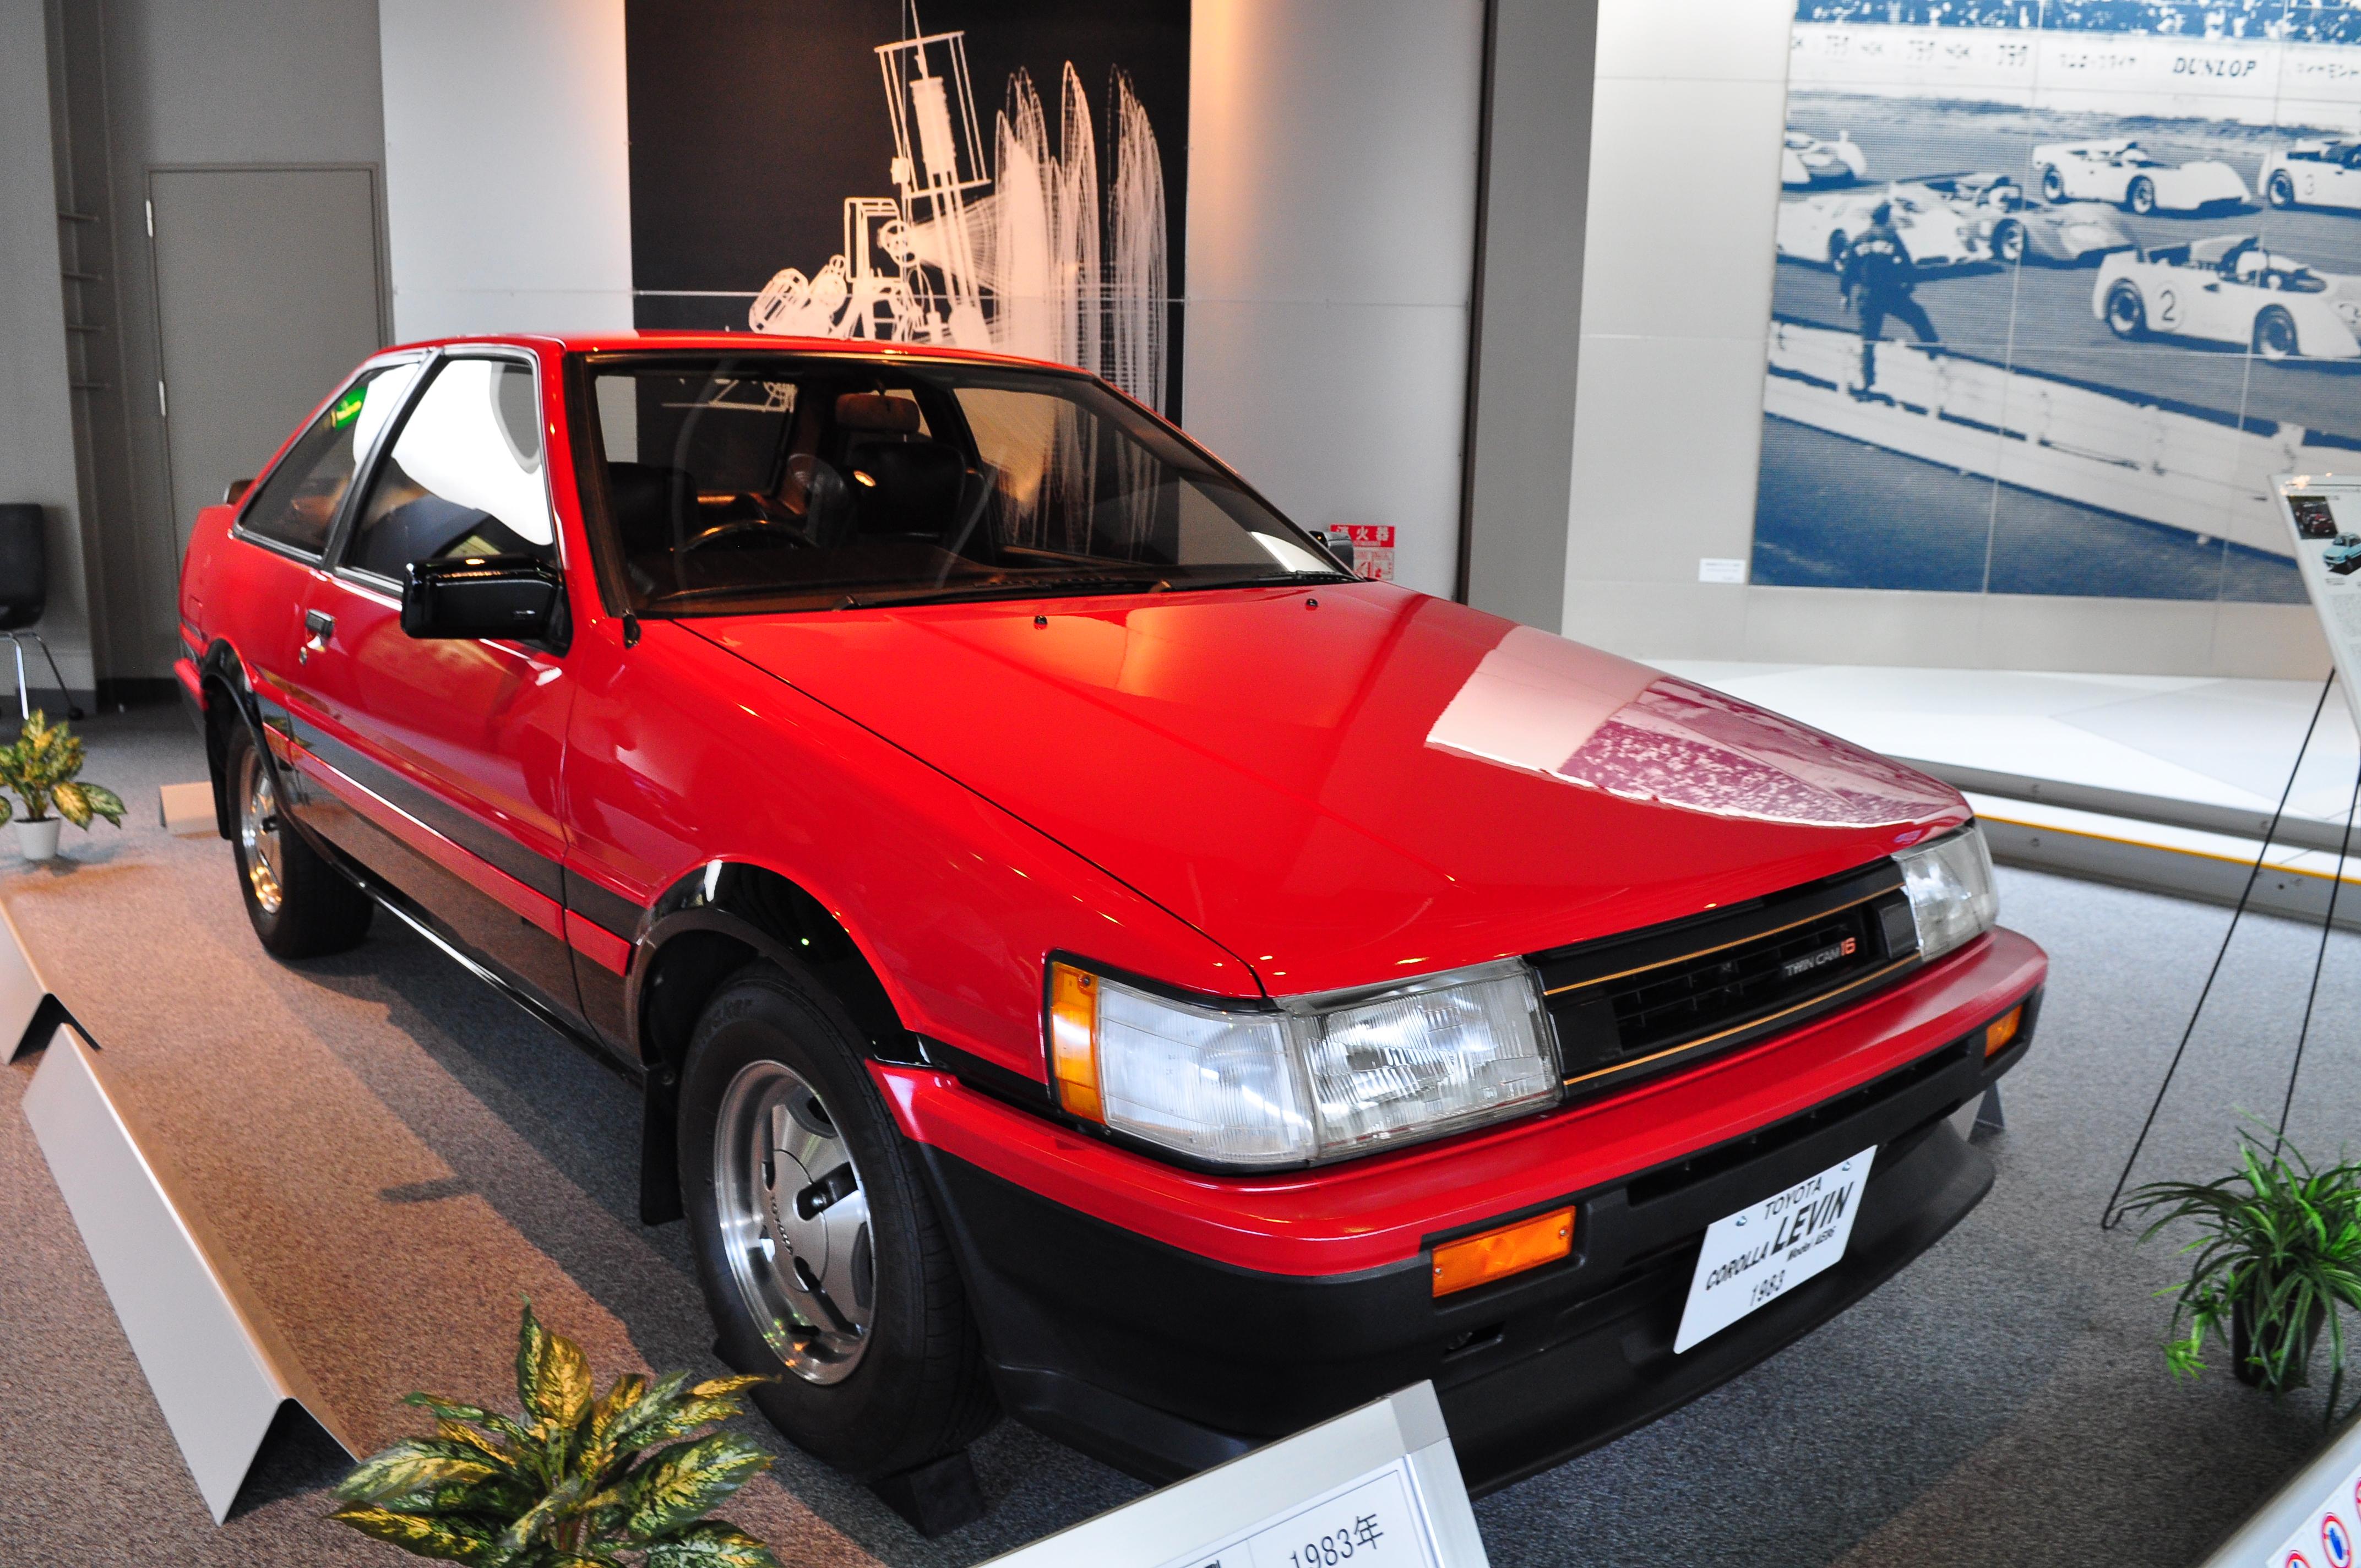 Kelebihan Kekurangan Toyota Corolla Levin Top Model Tahun Ini